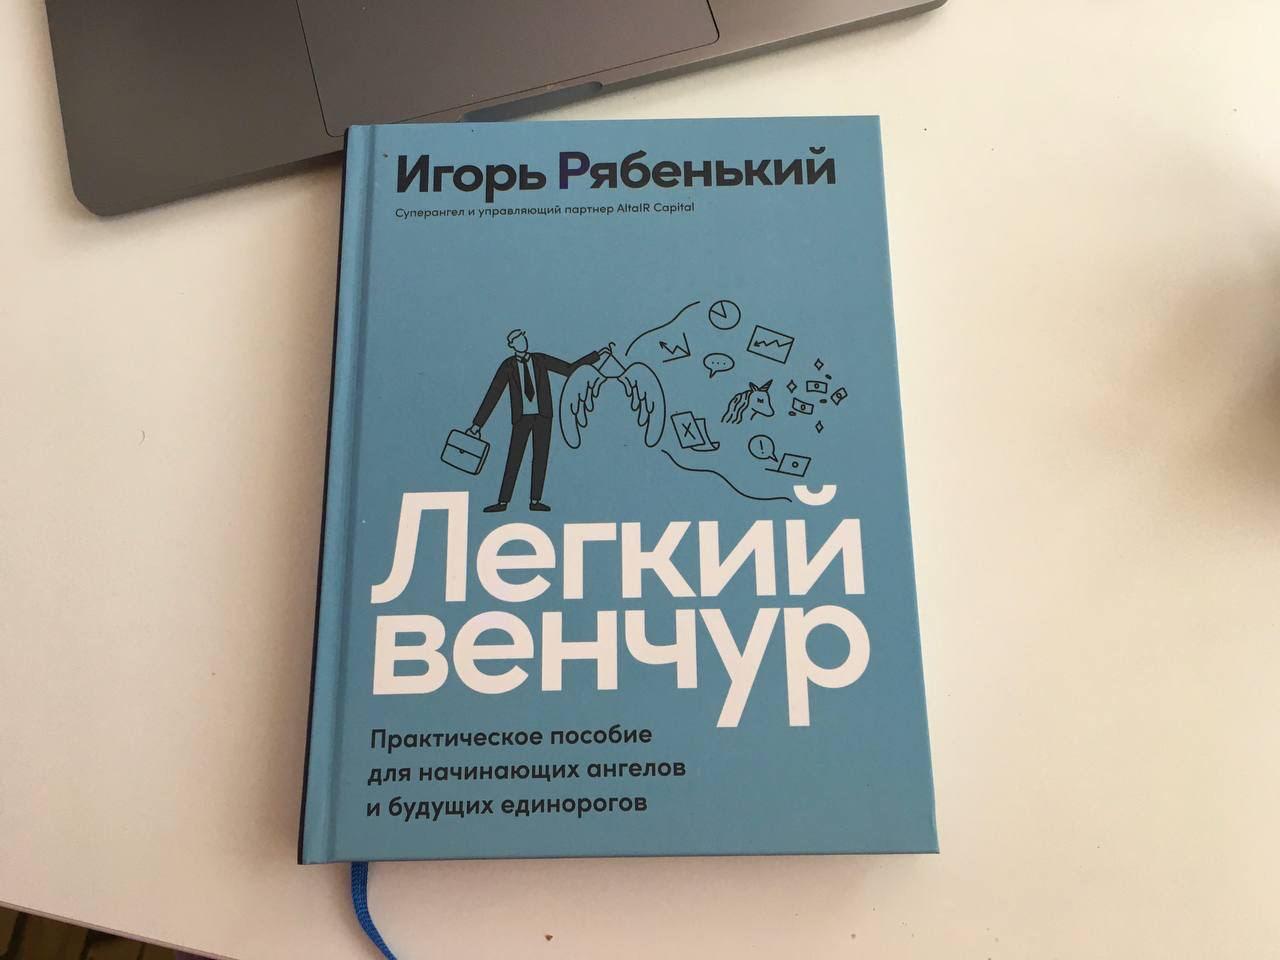 """Обзор книги """"Легкий венчур"""" от Игоря Рябенького"""